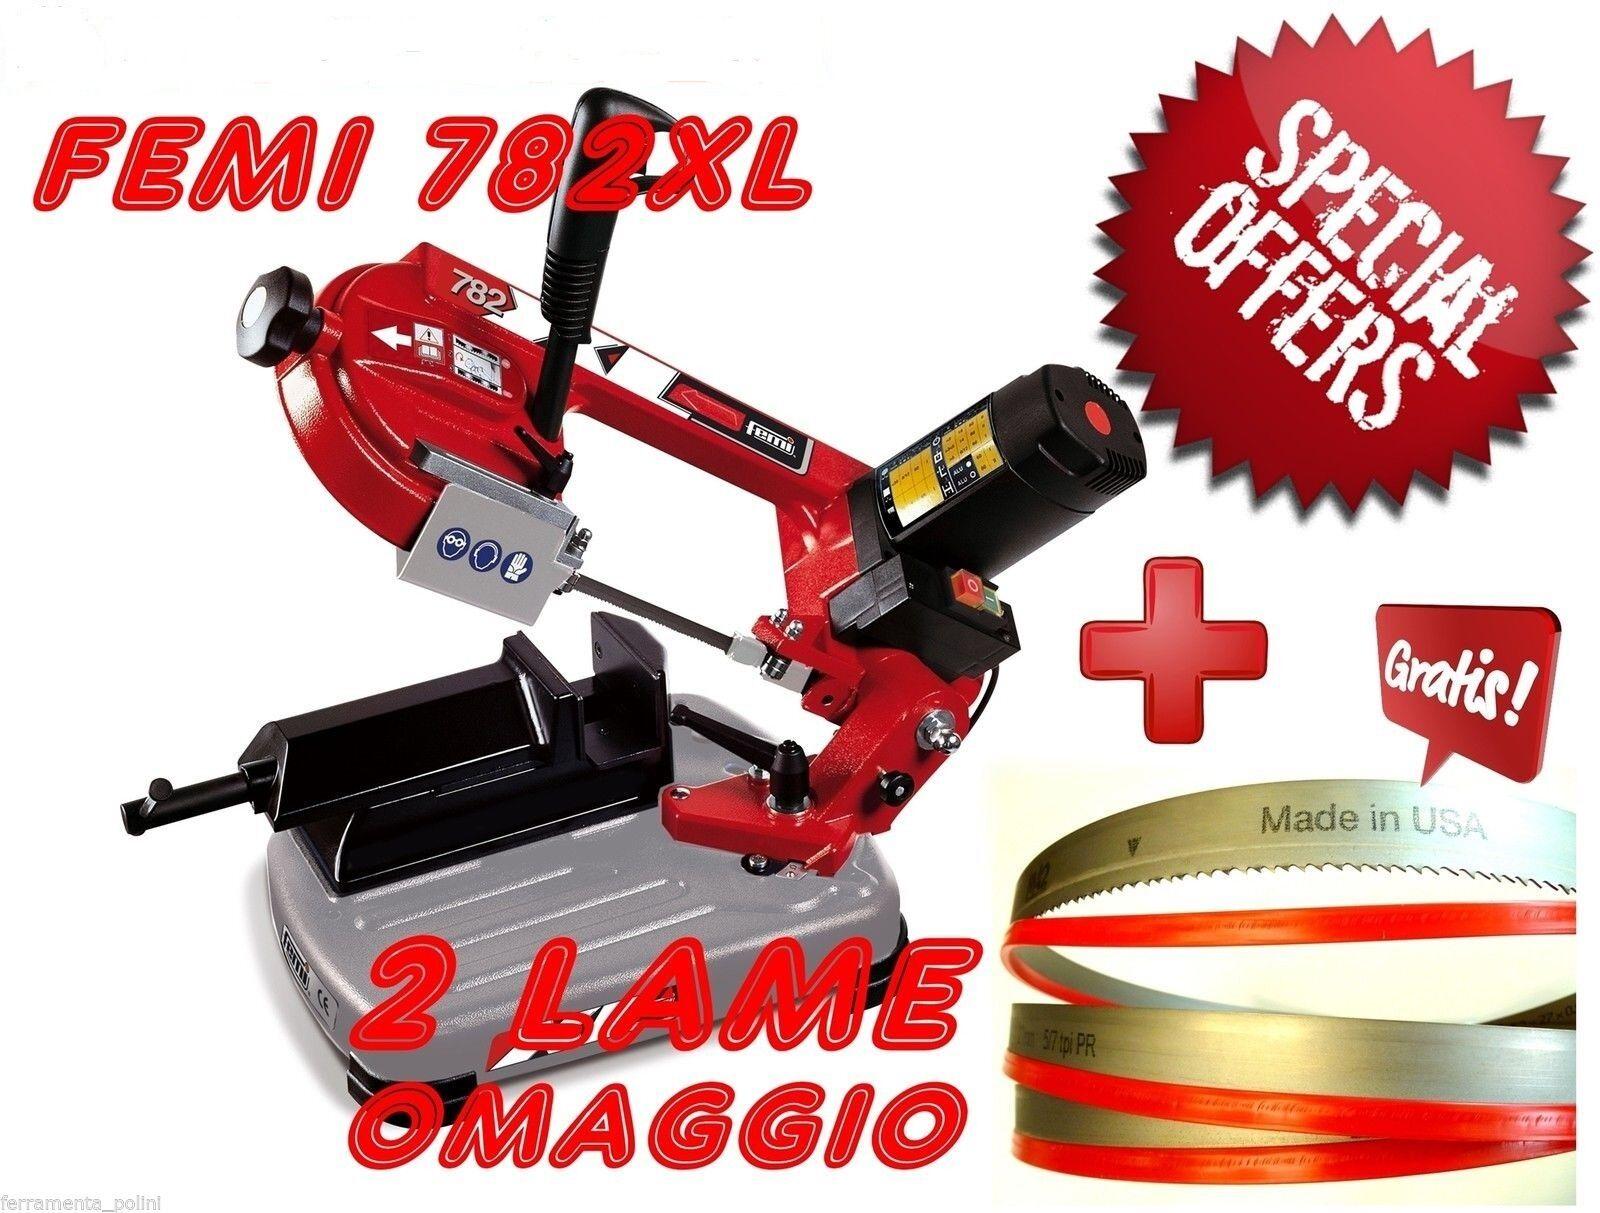 Segatrice Per Ferro A Nastro Femi 782 XL Taglio 105mm 950w + 2 Lame Omaggio